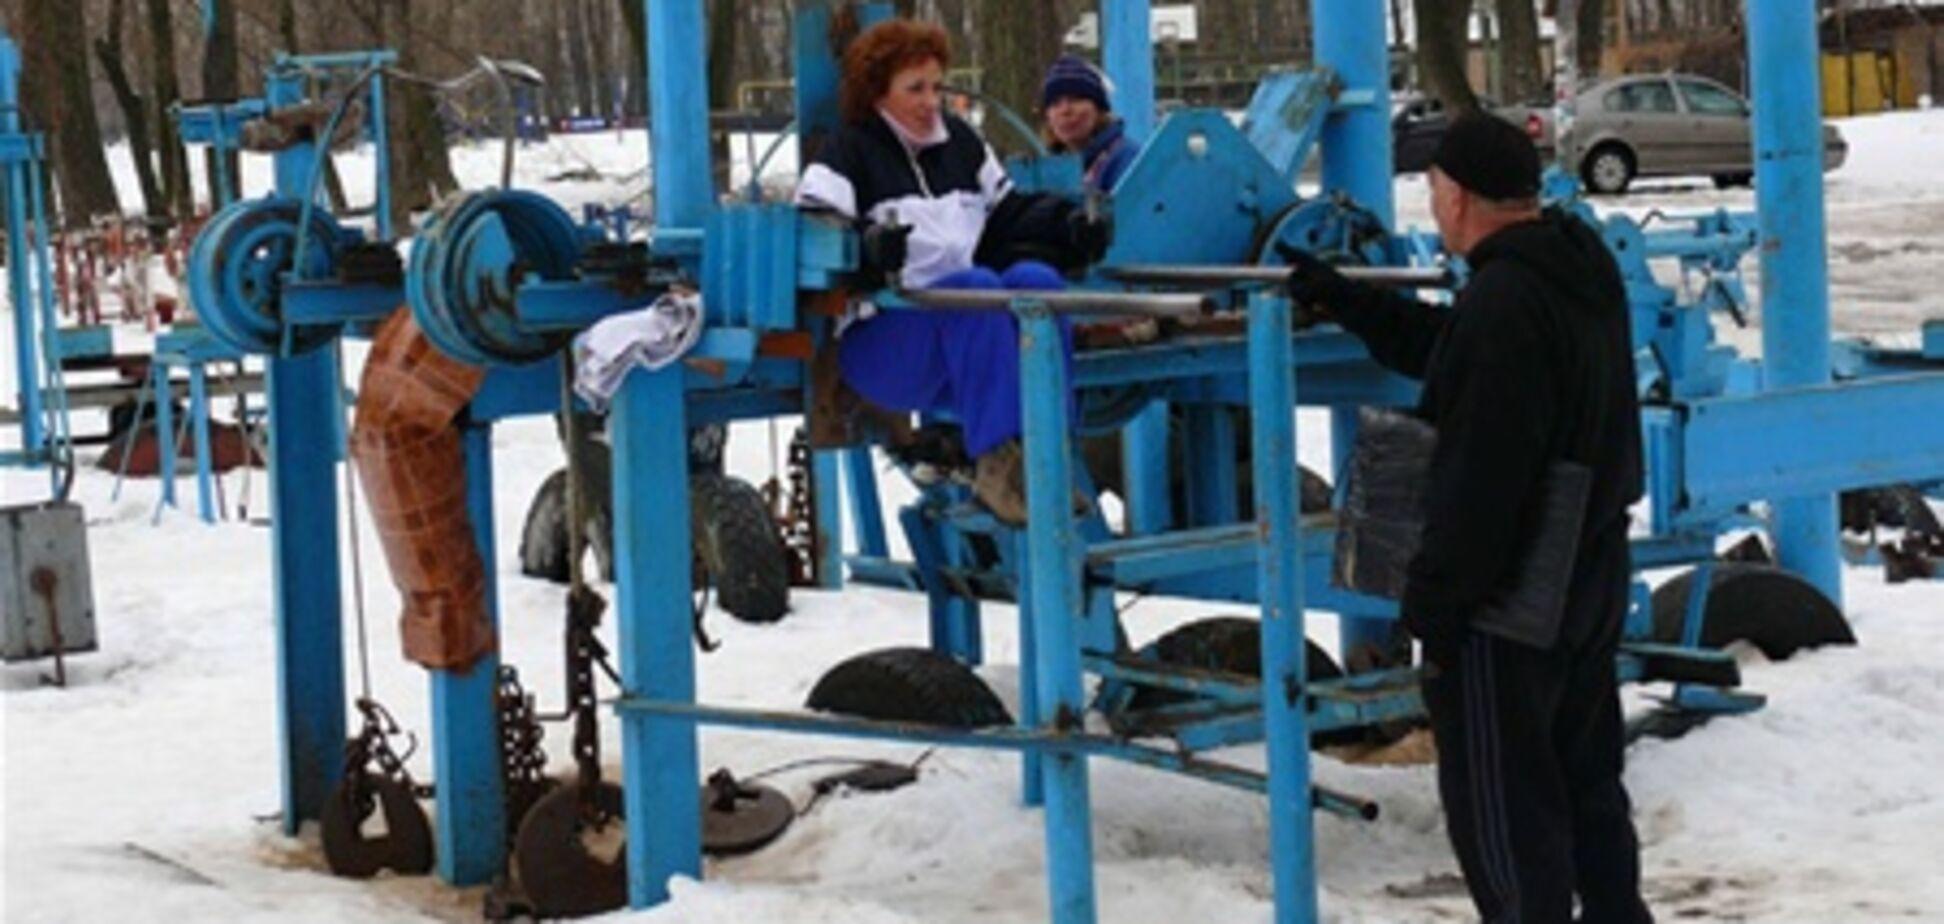 Как сэкономить на спорте в Киеве